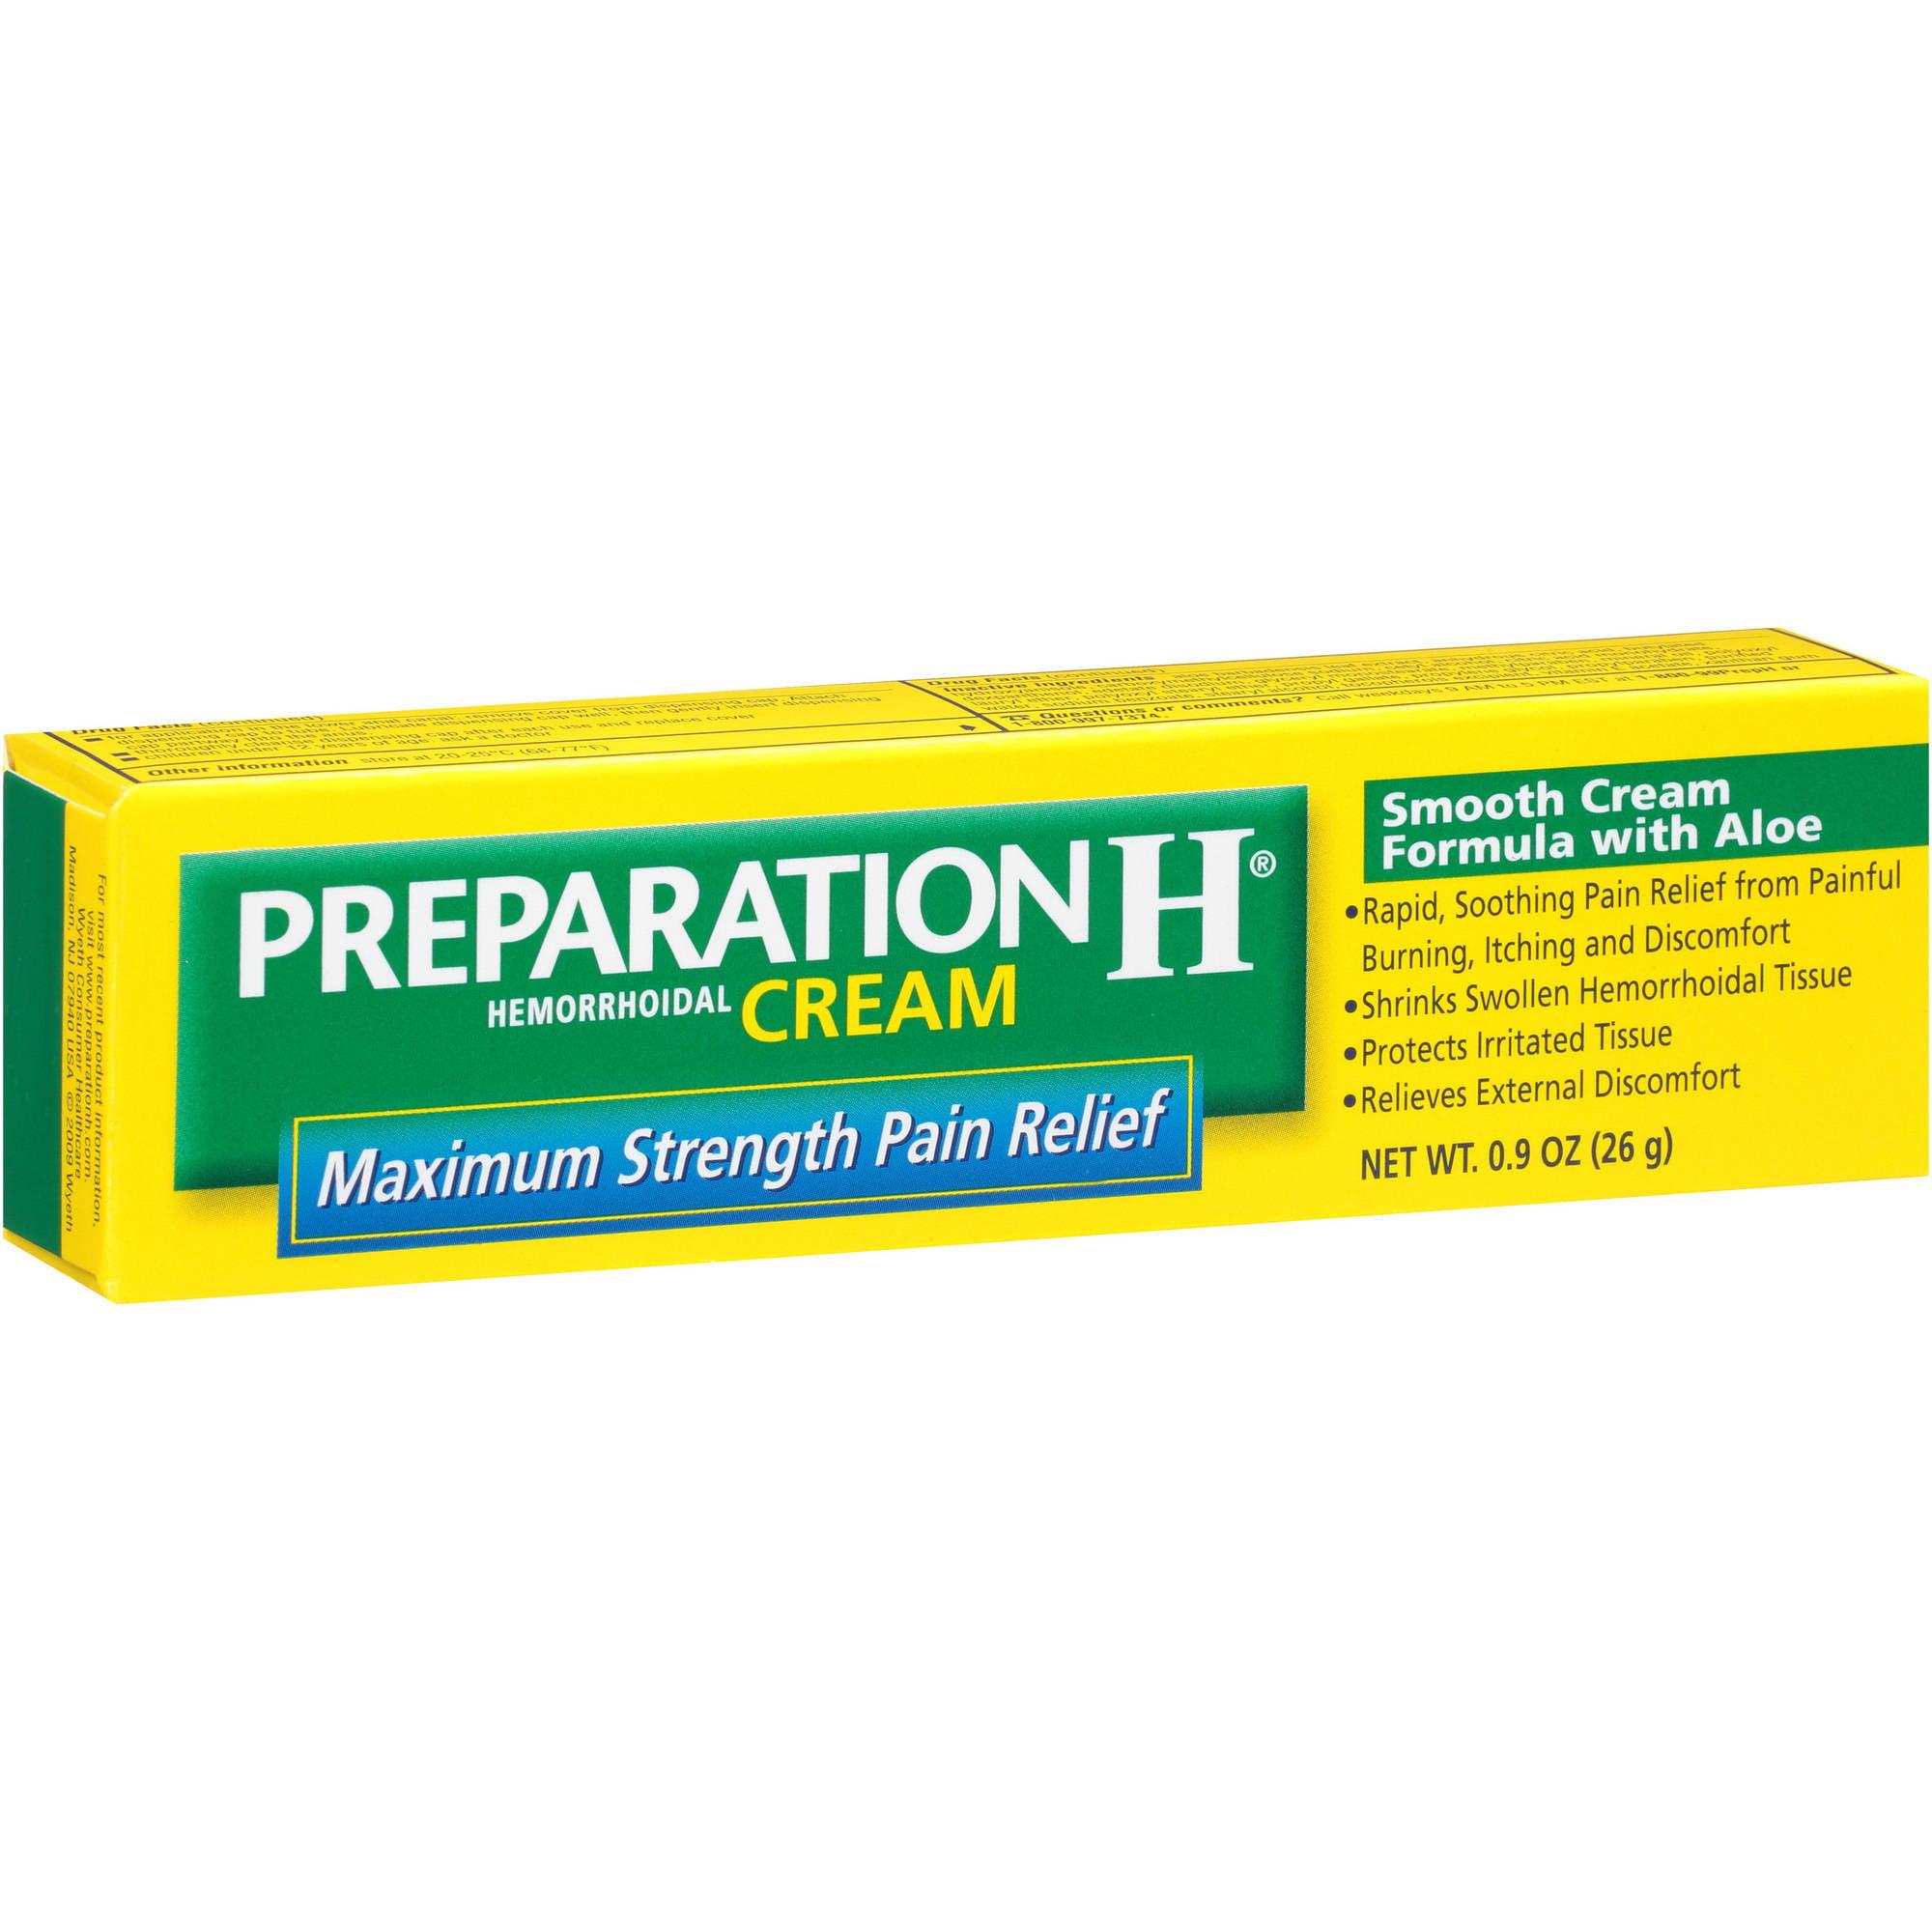 Preparation H Maximum Strength Pain Relief Cream, .9 oz